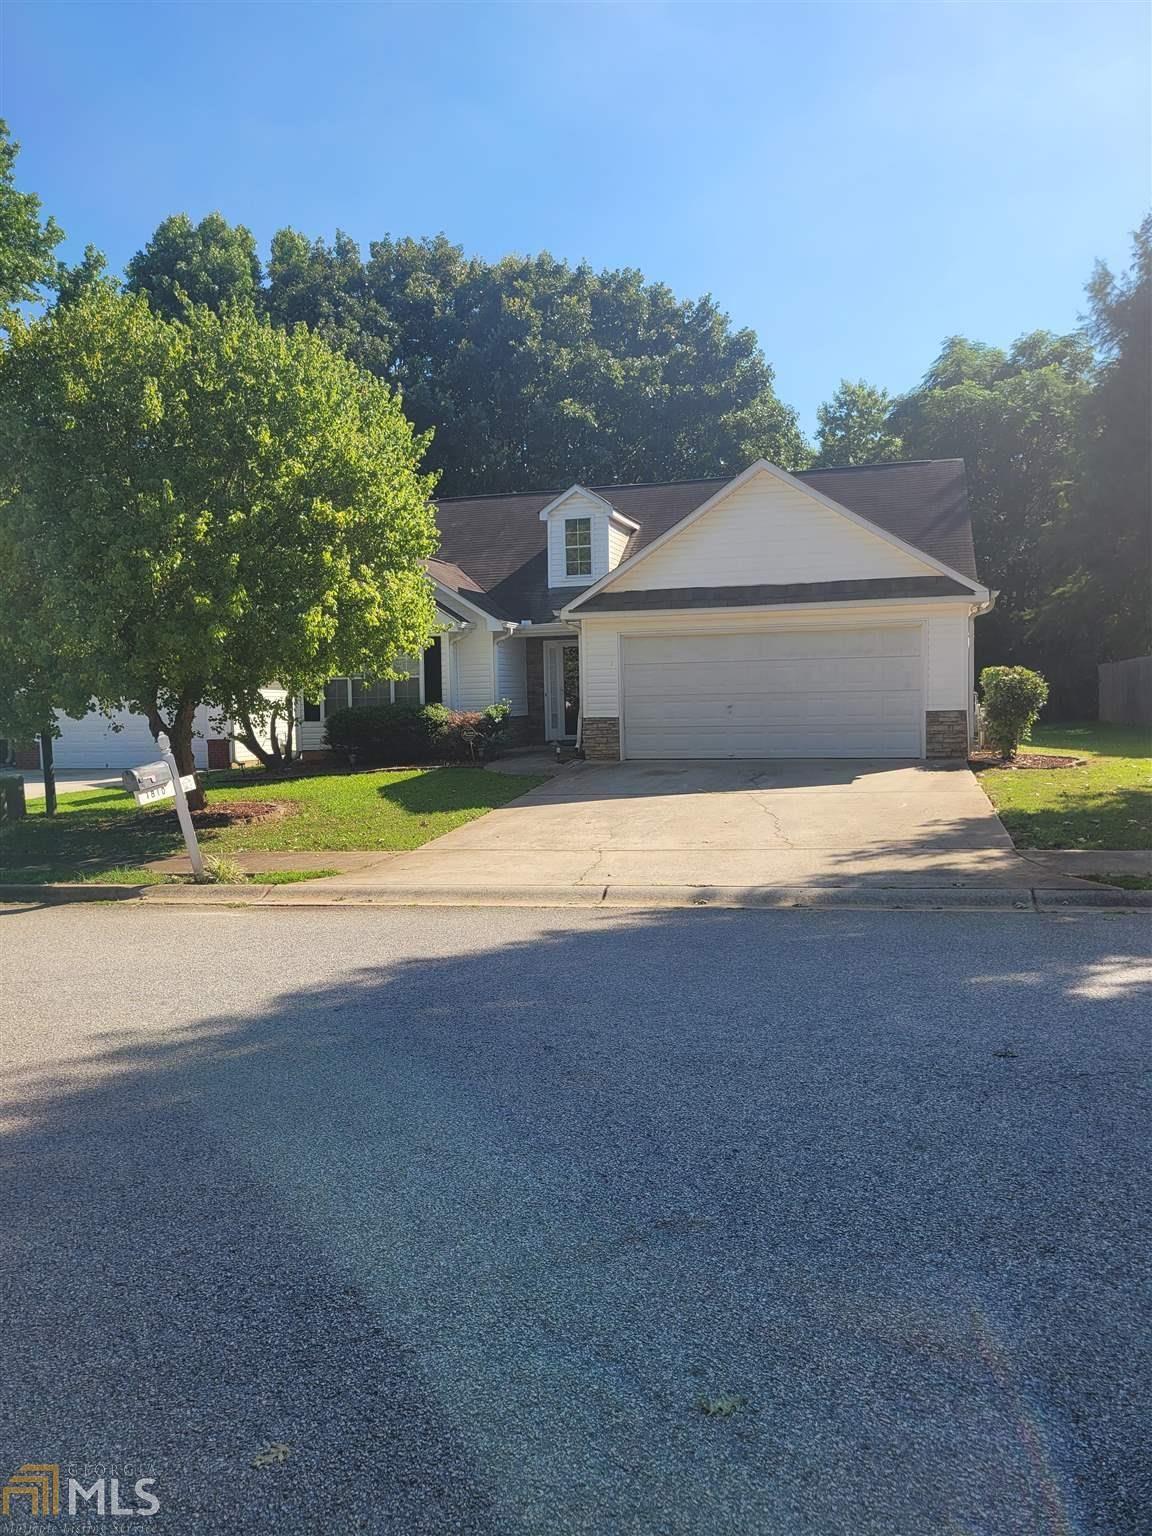 1810 Courtyard Ln, McDonough, GA 30252 - #: 8999069